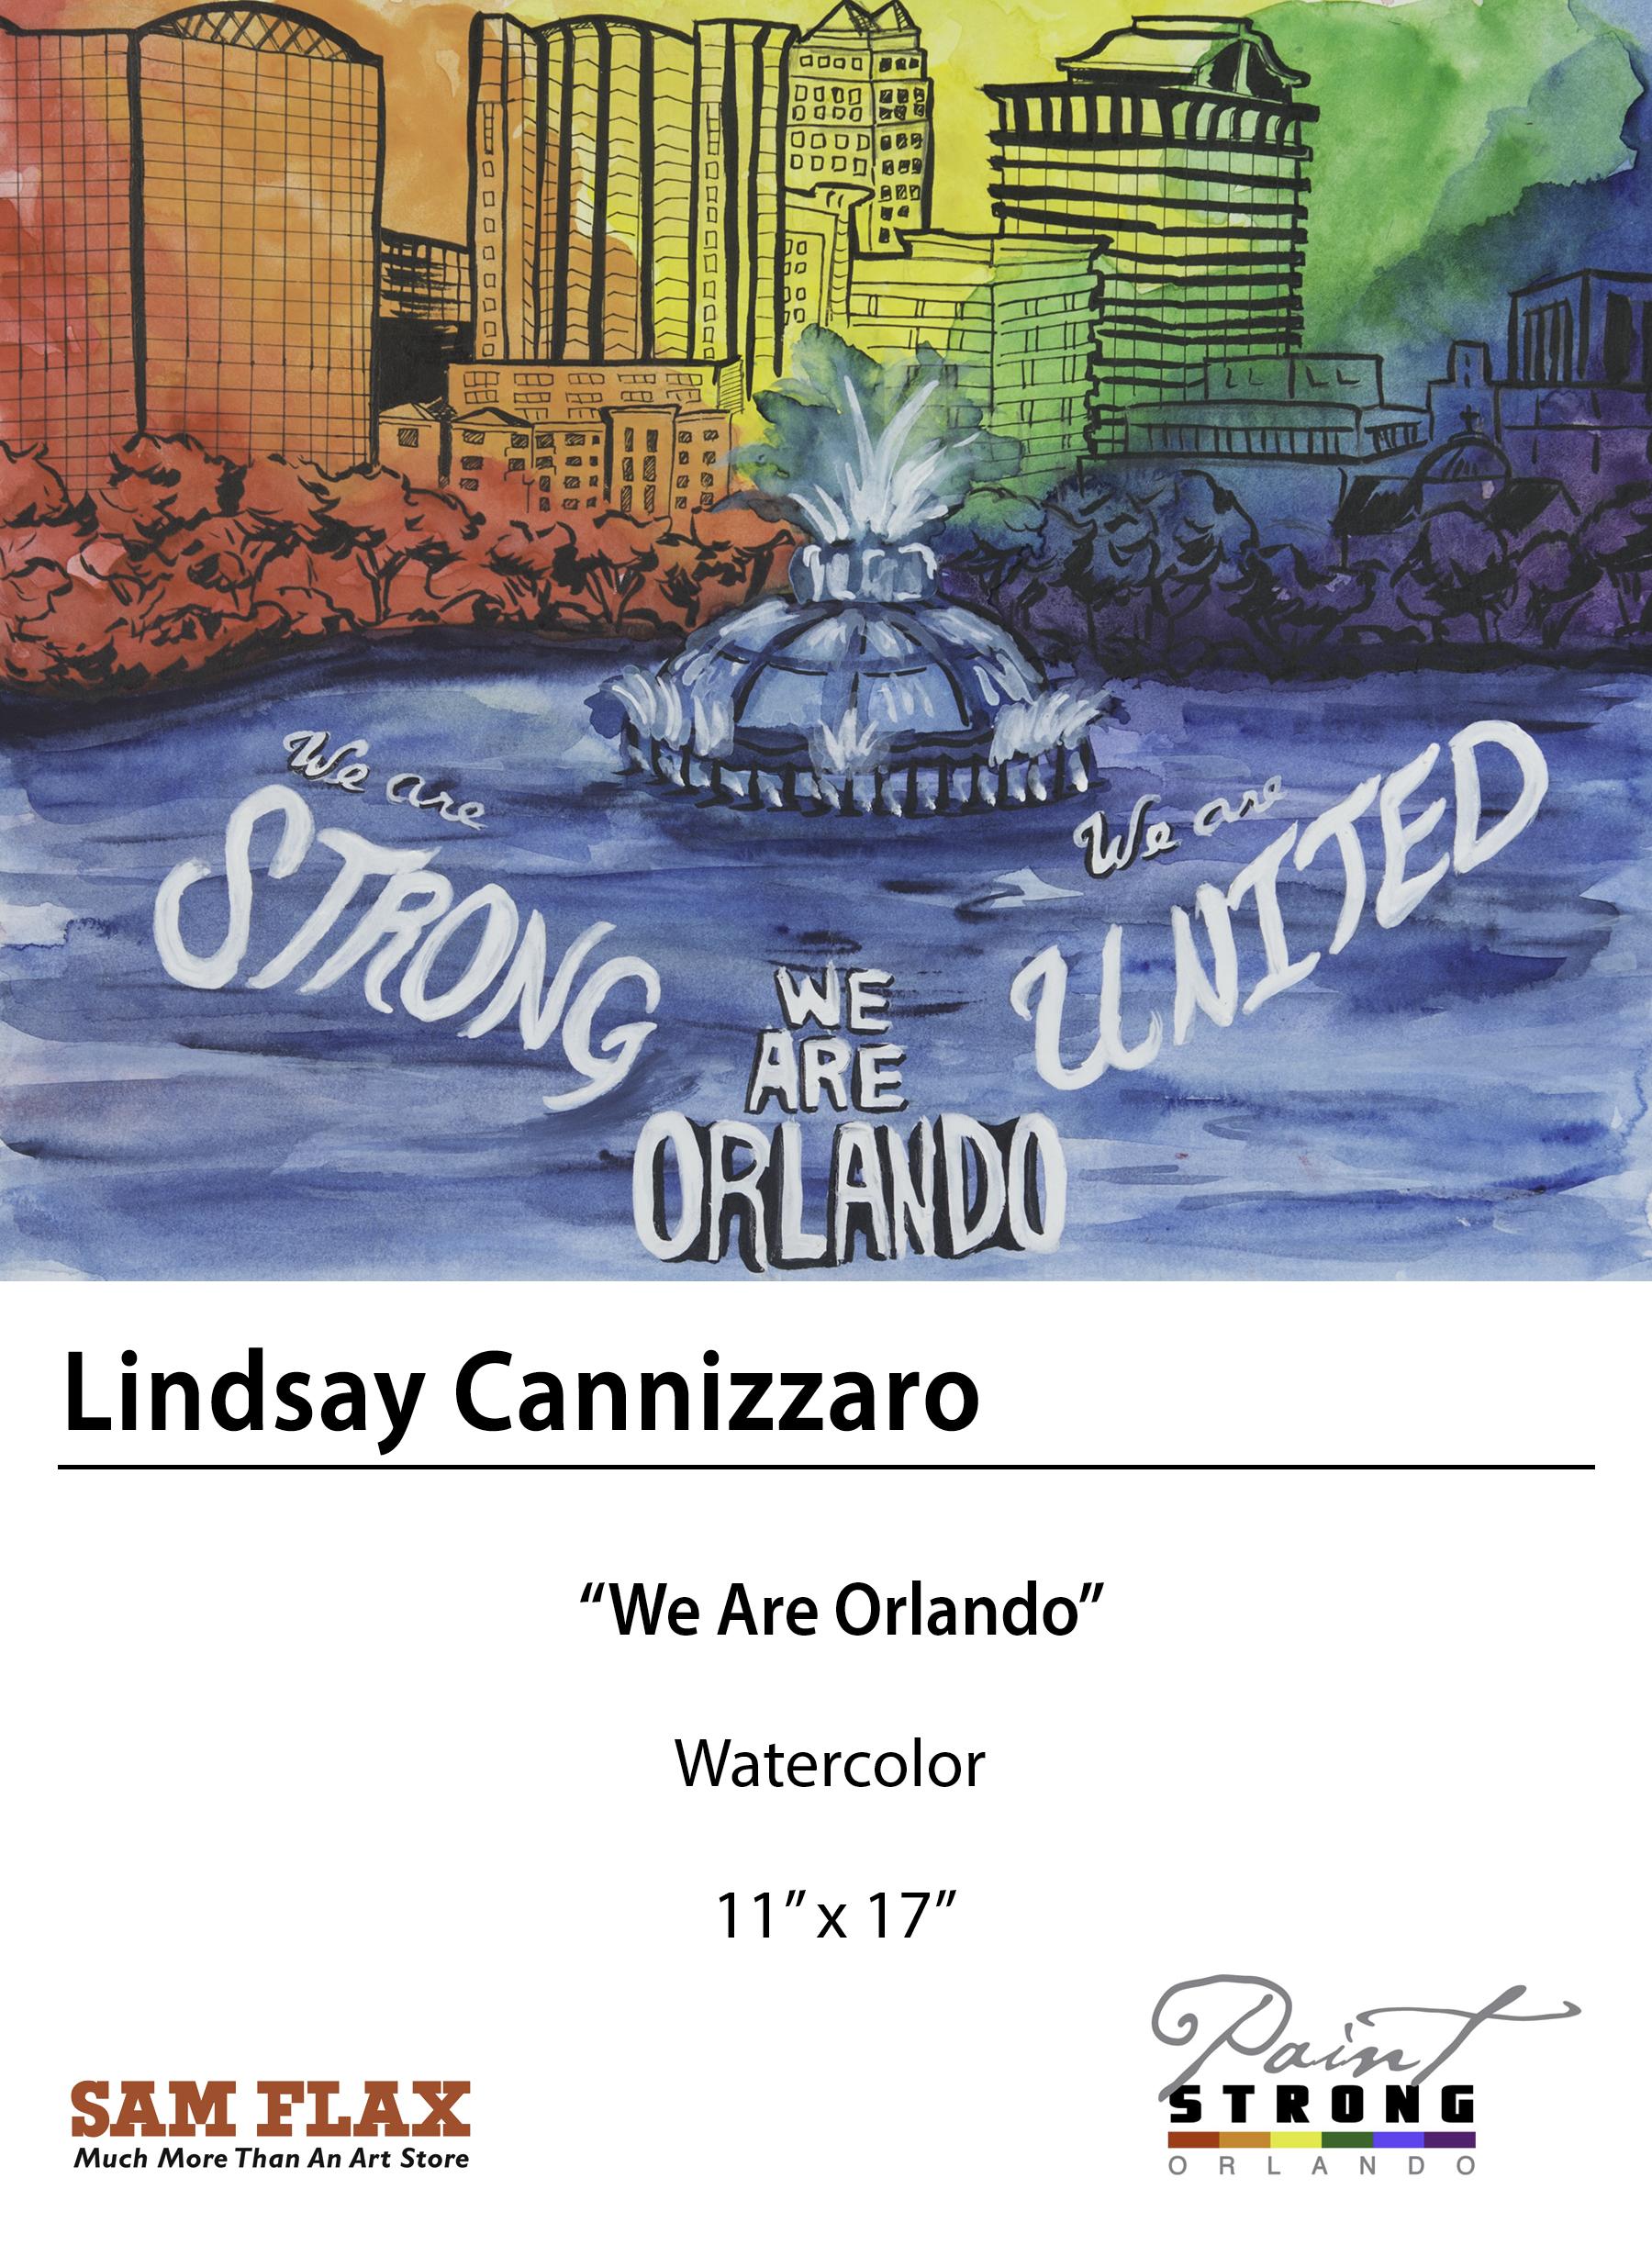 Lindsay Cannizzaro